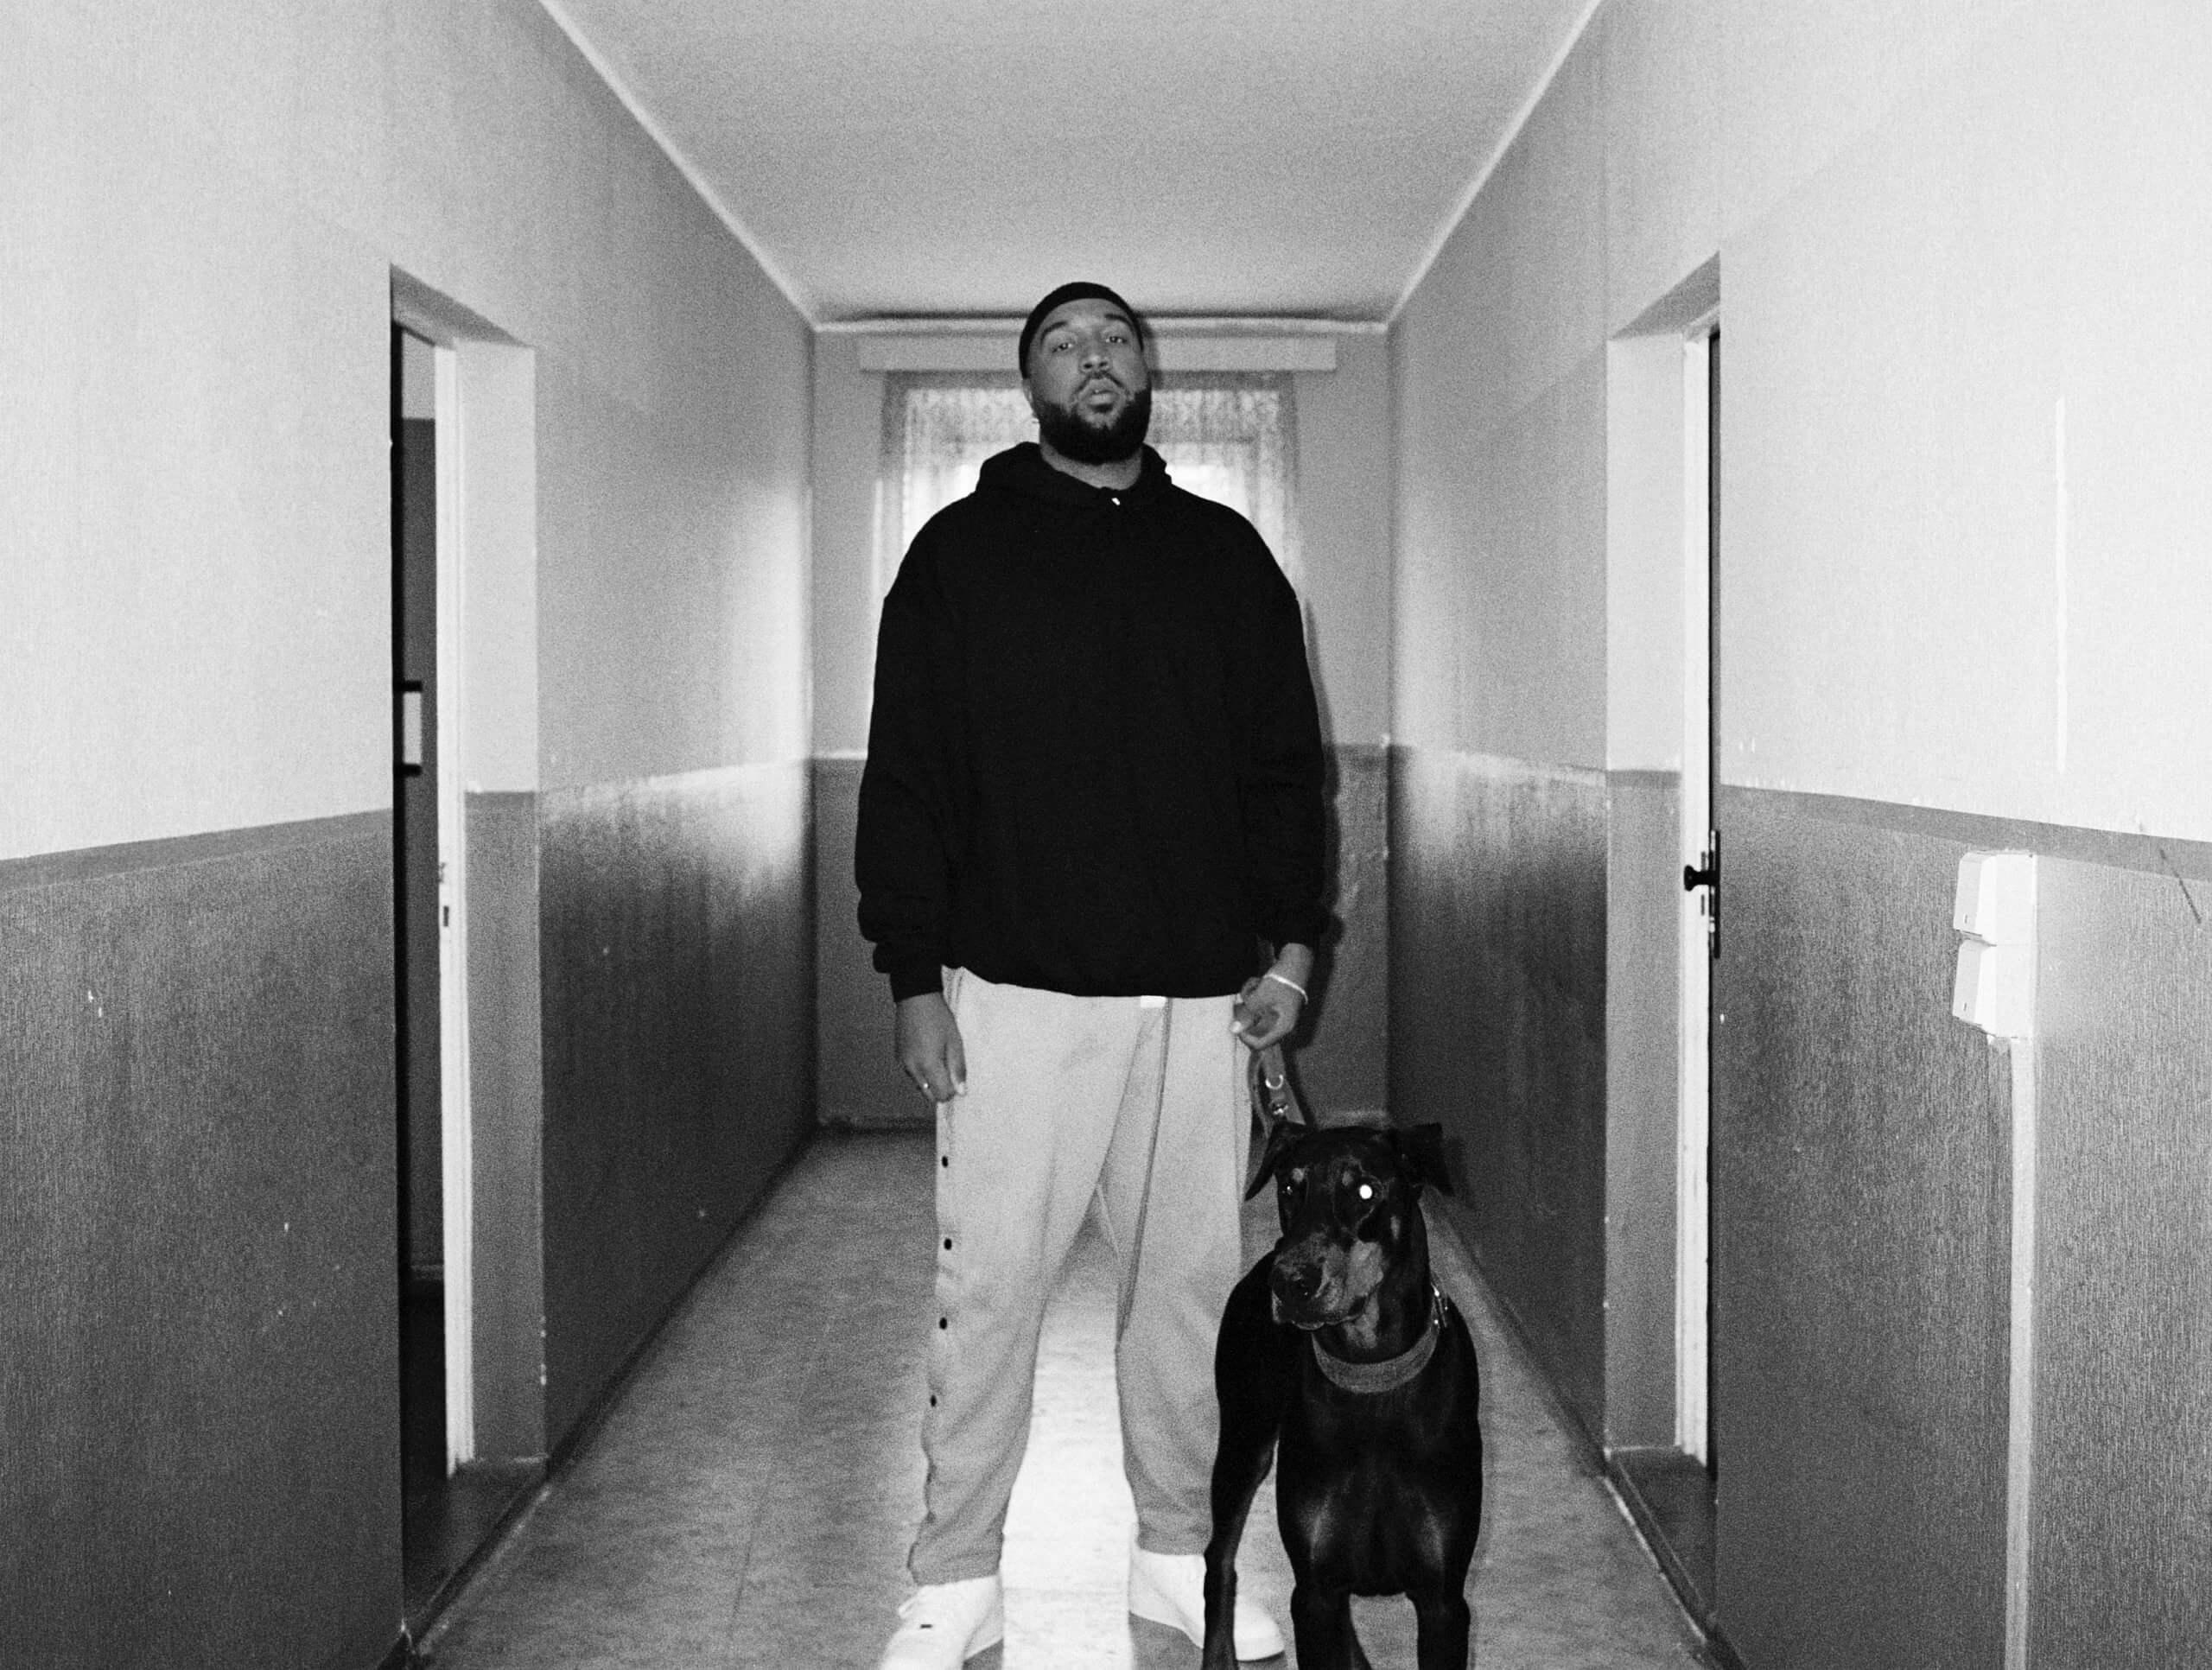 OG Keemo – Mann beisst Hund